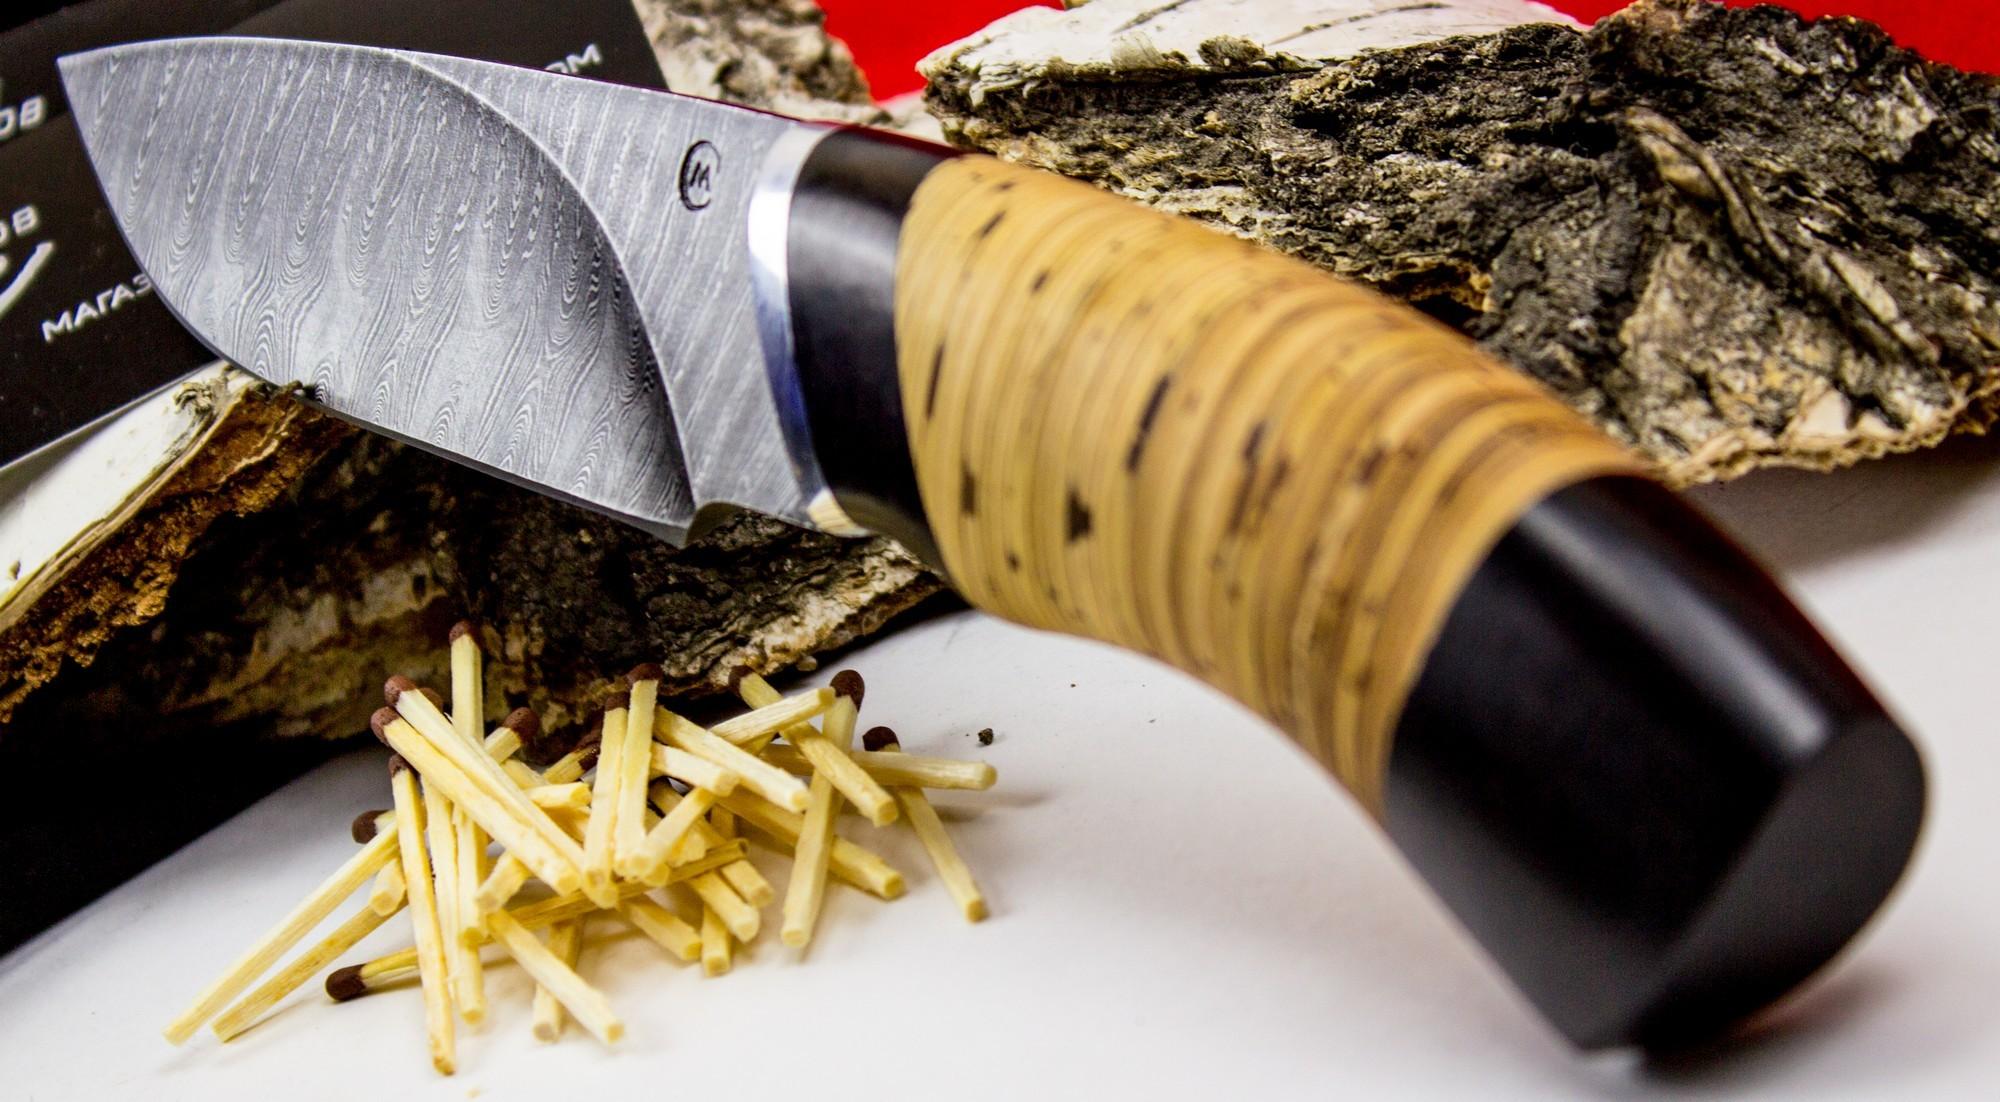 Фото 7 - Нож Разделочный, дамасская сталь от Кузница Семина